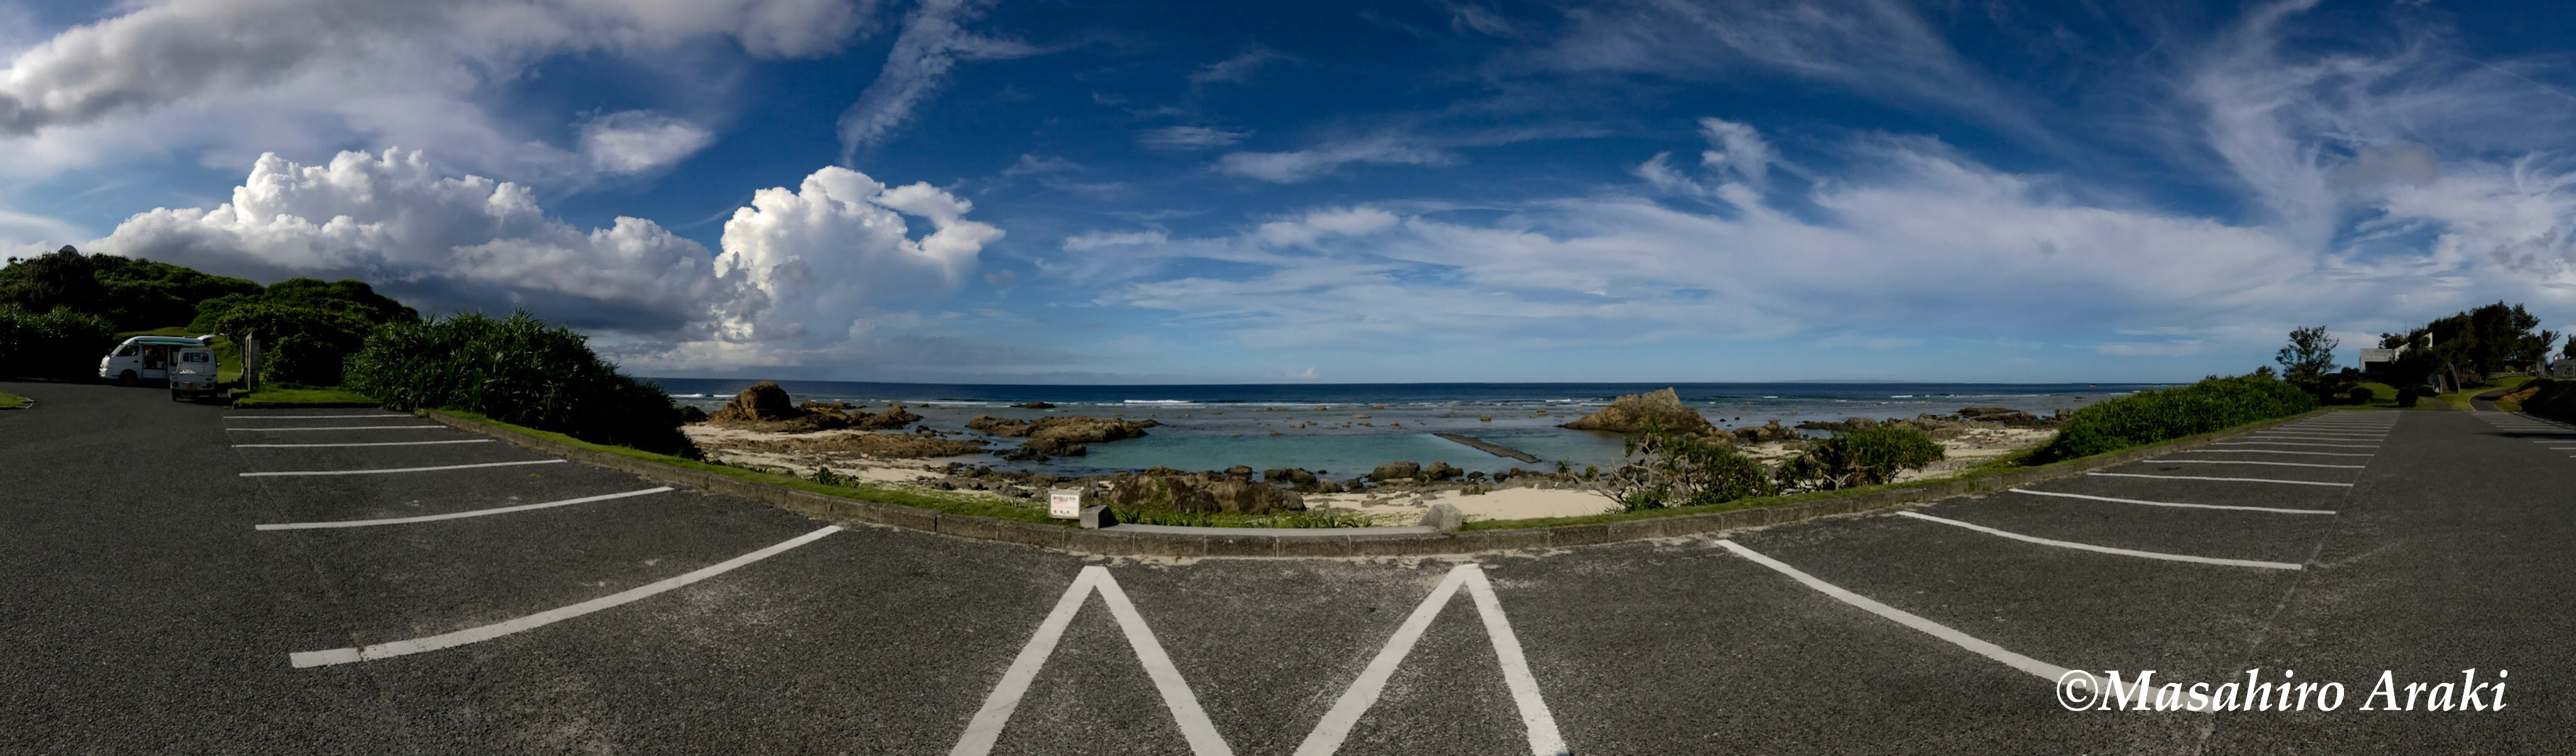 あやまる岬観光公園タイドプール前からの風景写真001_08 のコピー